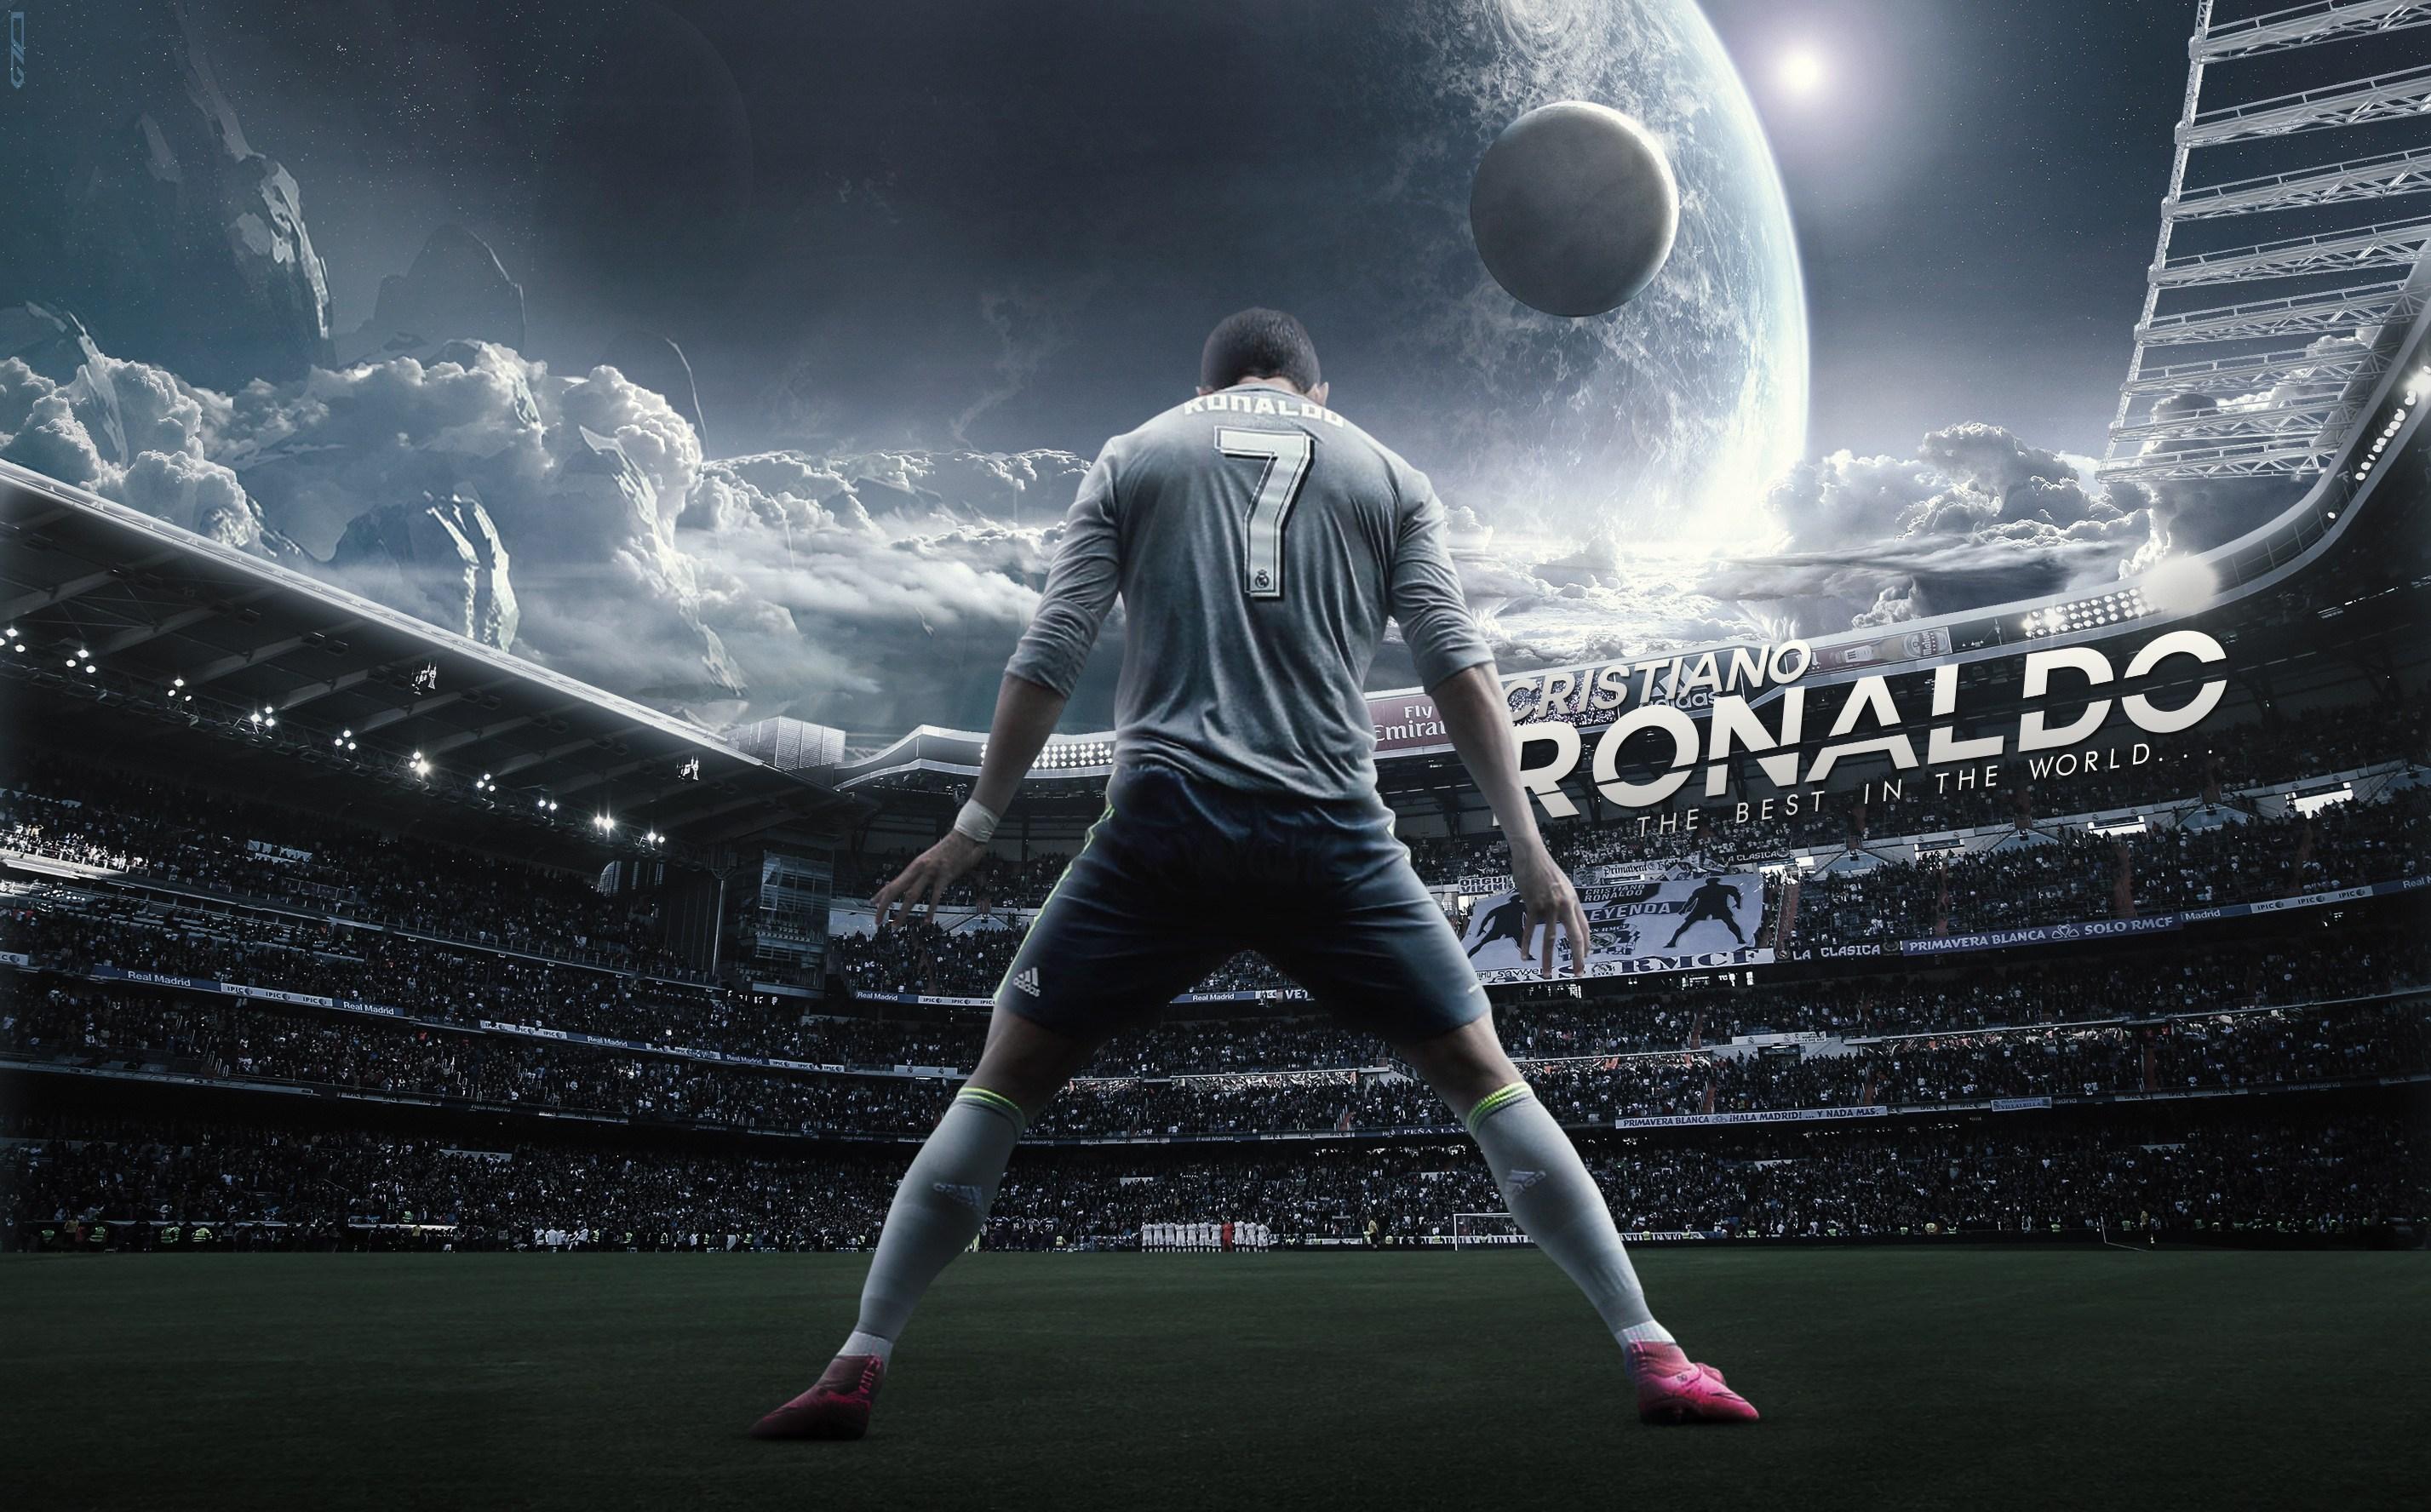 Cristiano Ronaldo Wallpaper Hd 2018 Cr7 Wallpapers Für